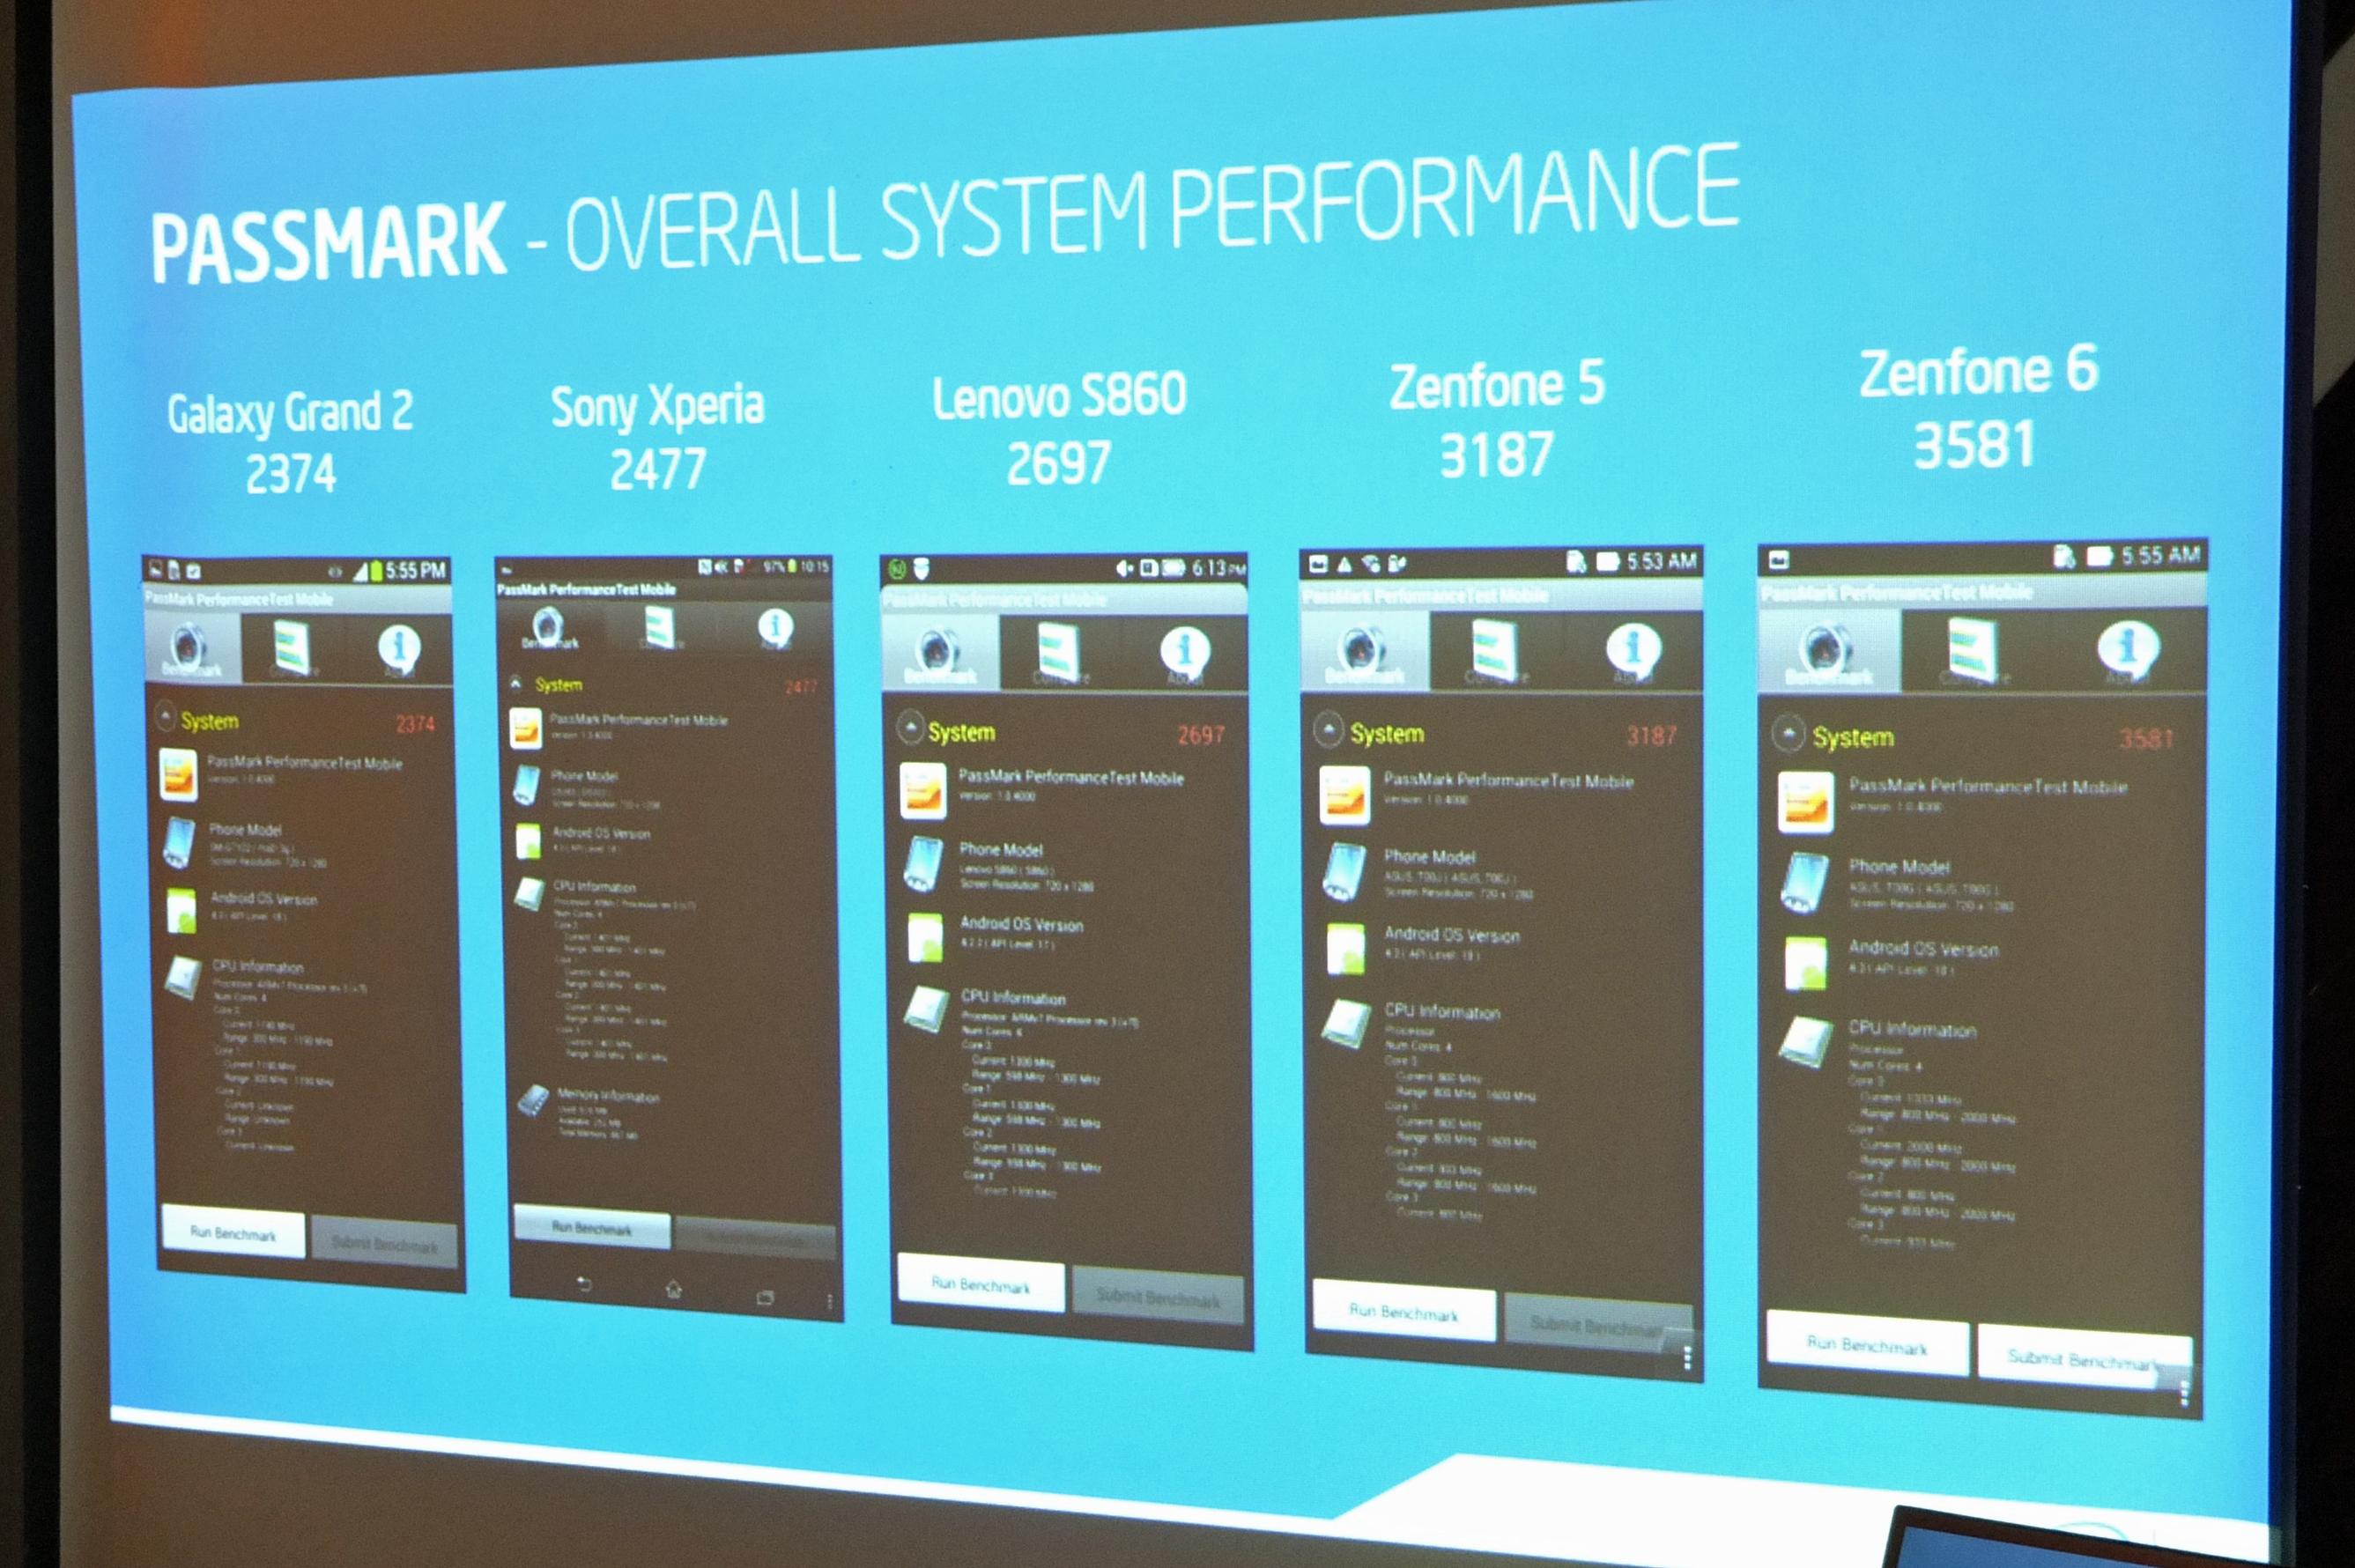 ASUS ZenFone Benchmark Test